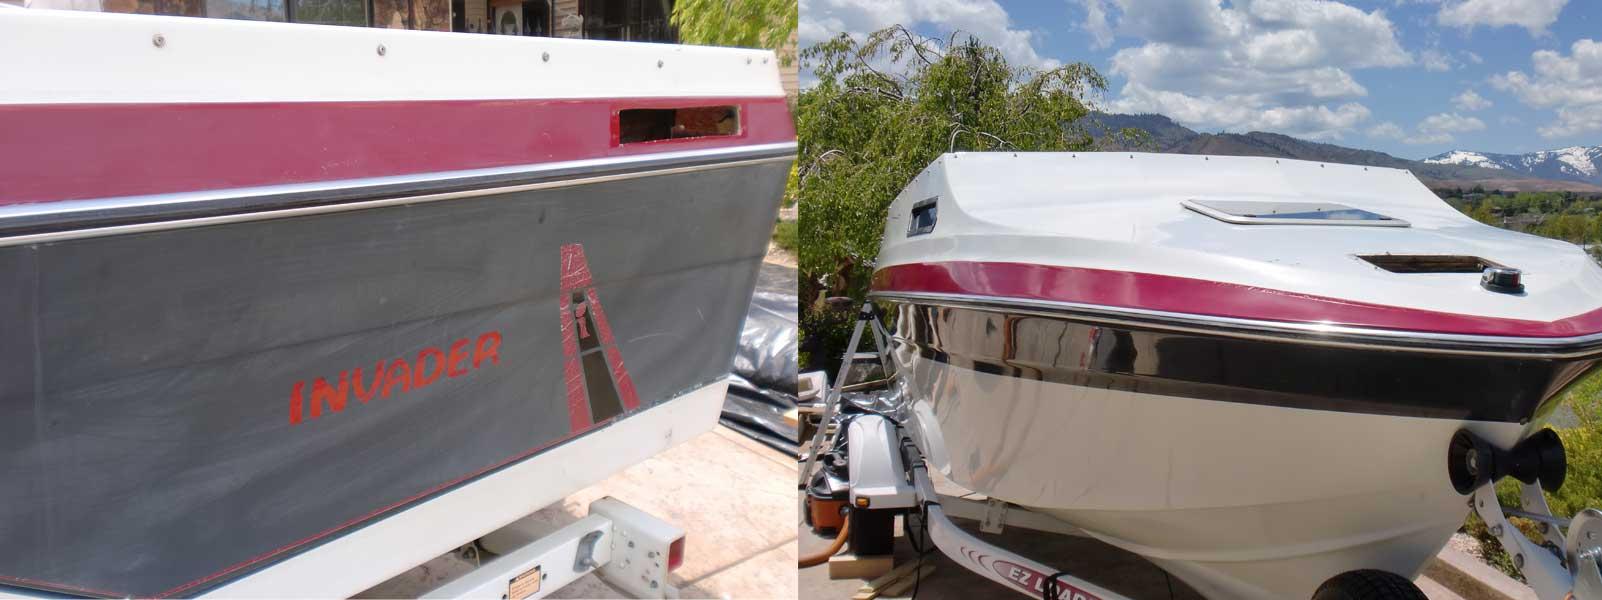 boat_restoration.jpg